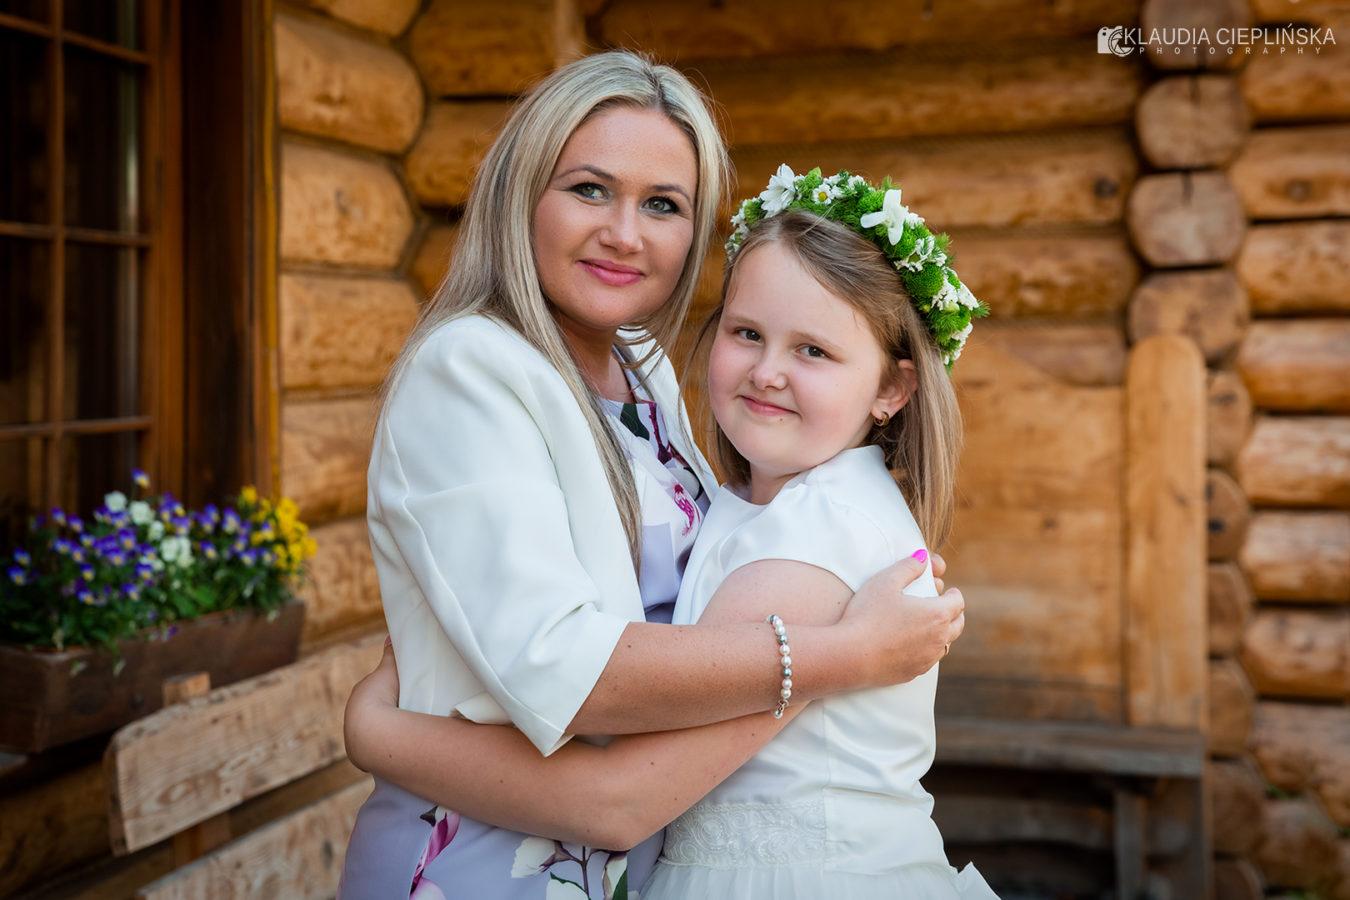 Fotografia rodzinna Jelenia Góra, sesje okolicznościowe z okazji komunii świętej, chrzcin, reportaże ślubne. Profesjonalne i nowoczesne